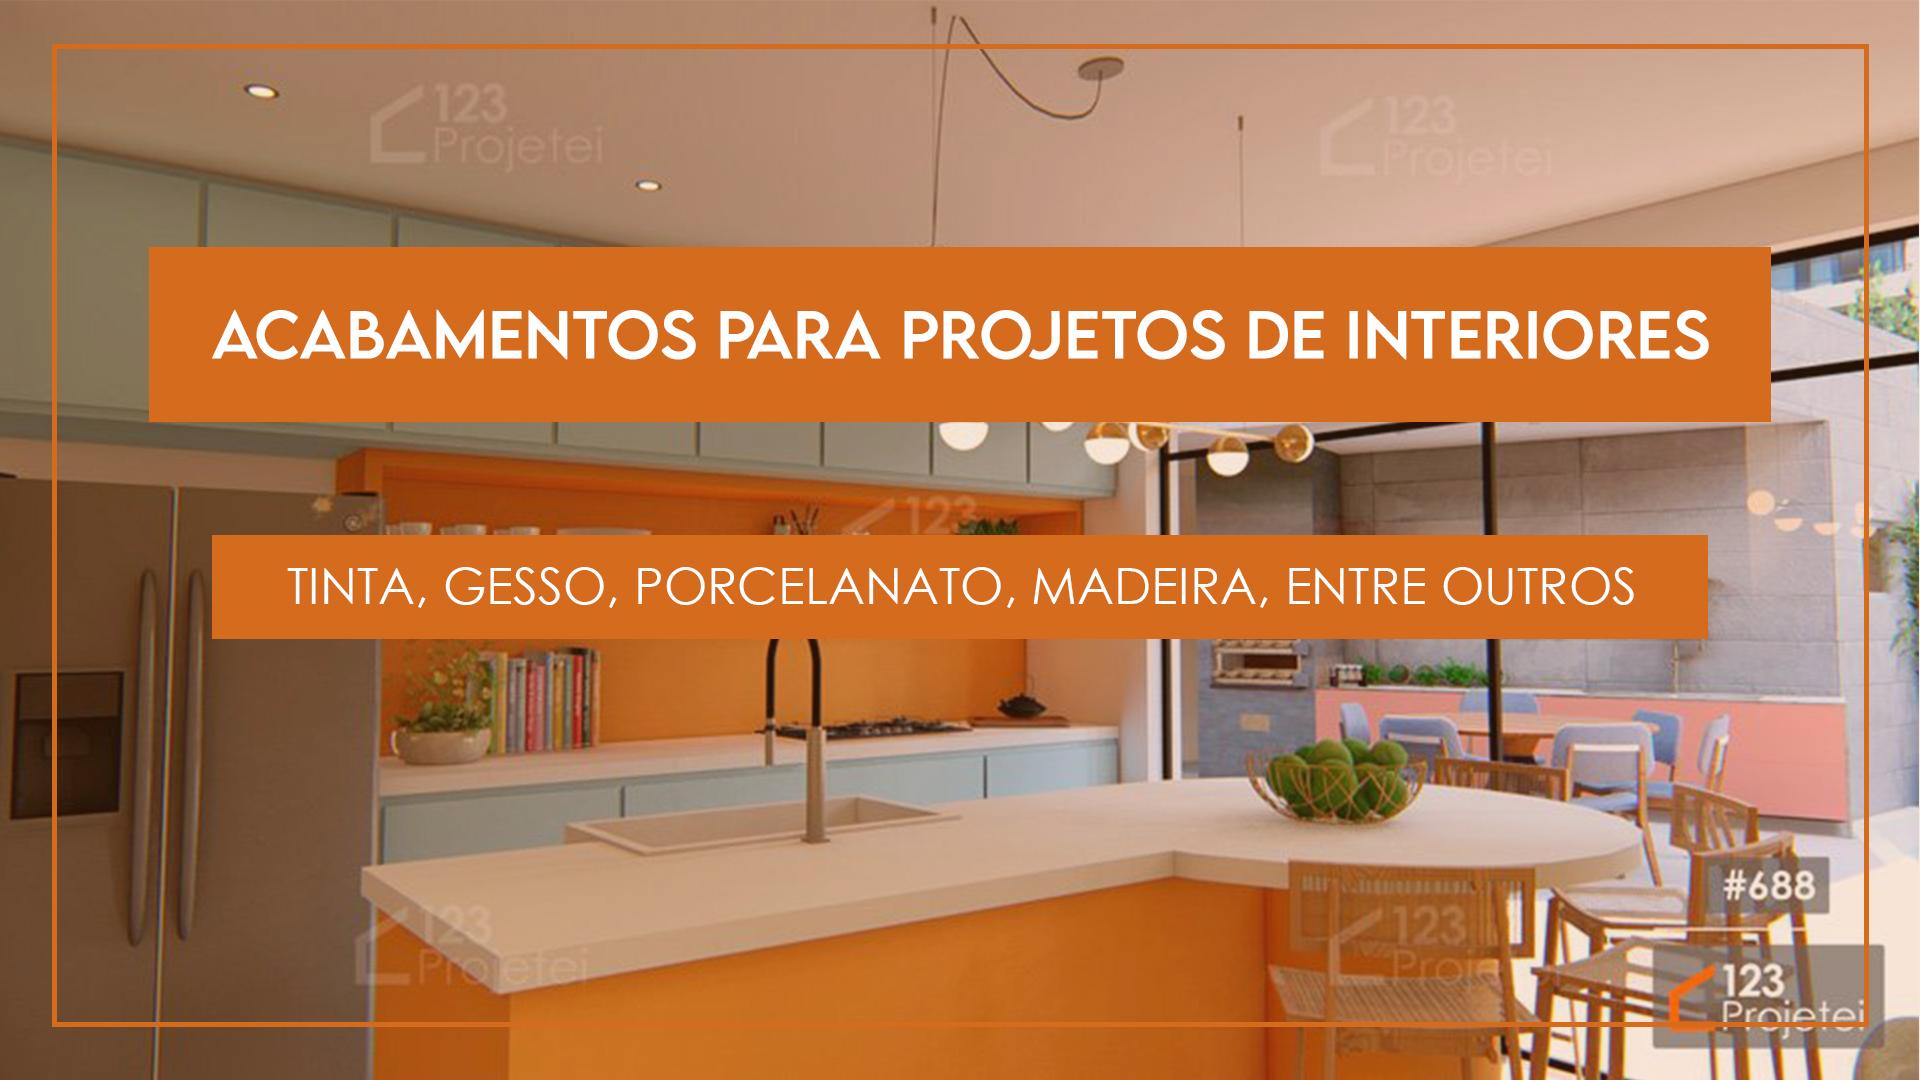 Acabamentos para Projetos de Interiores